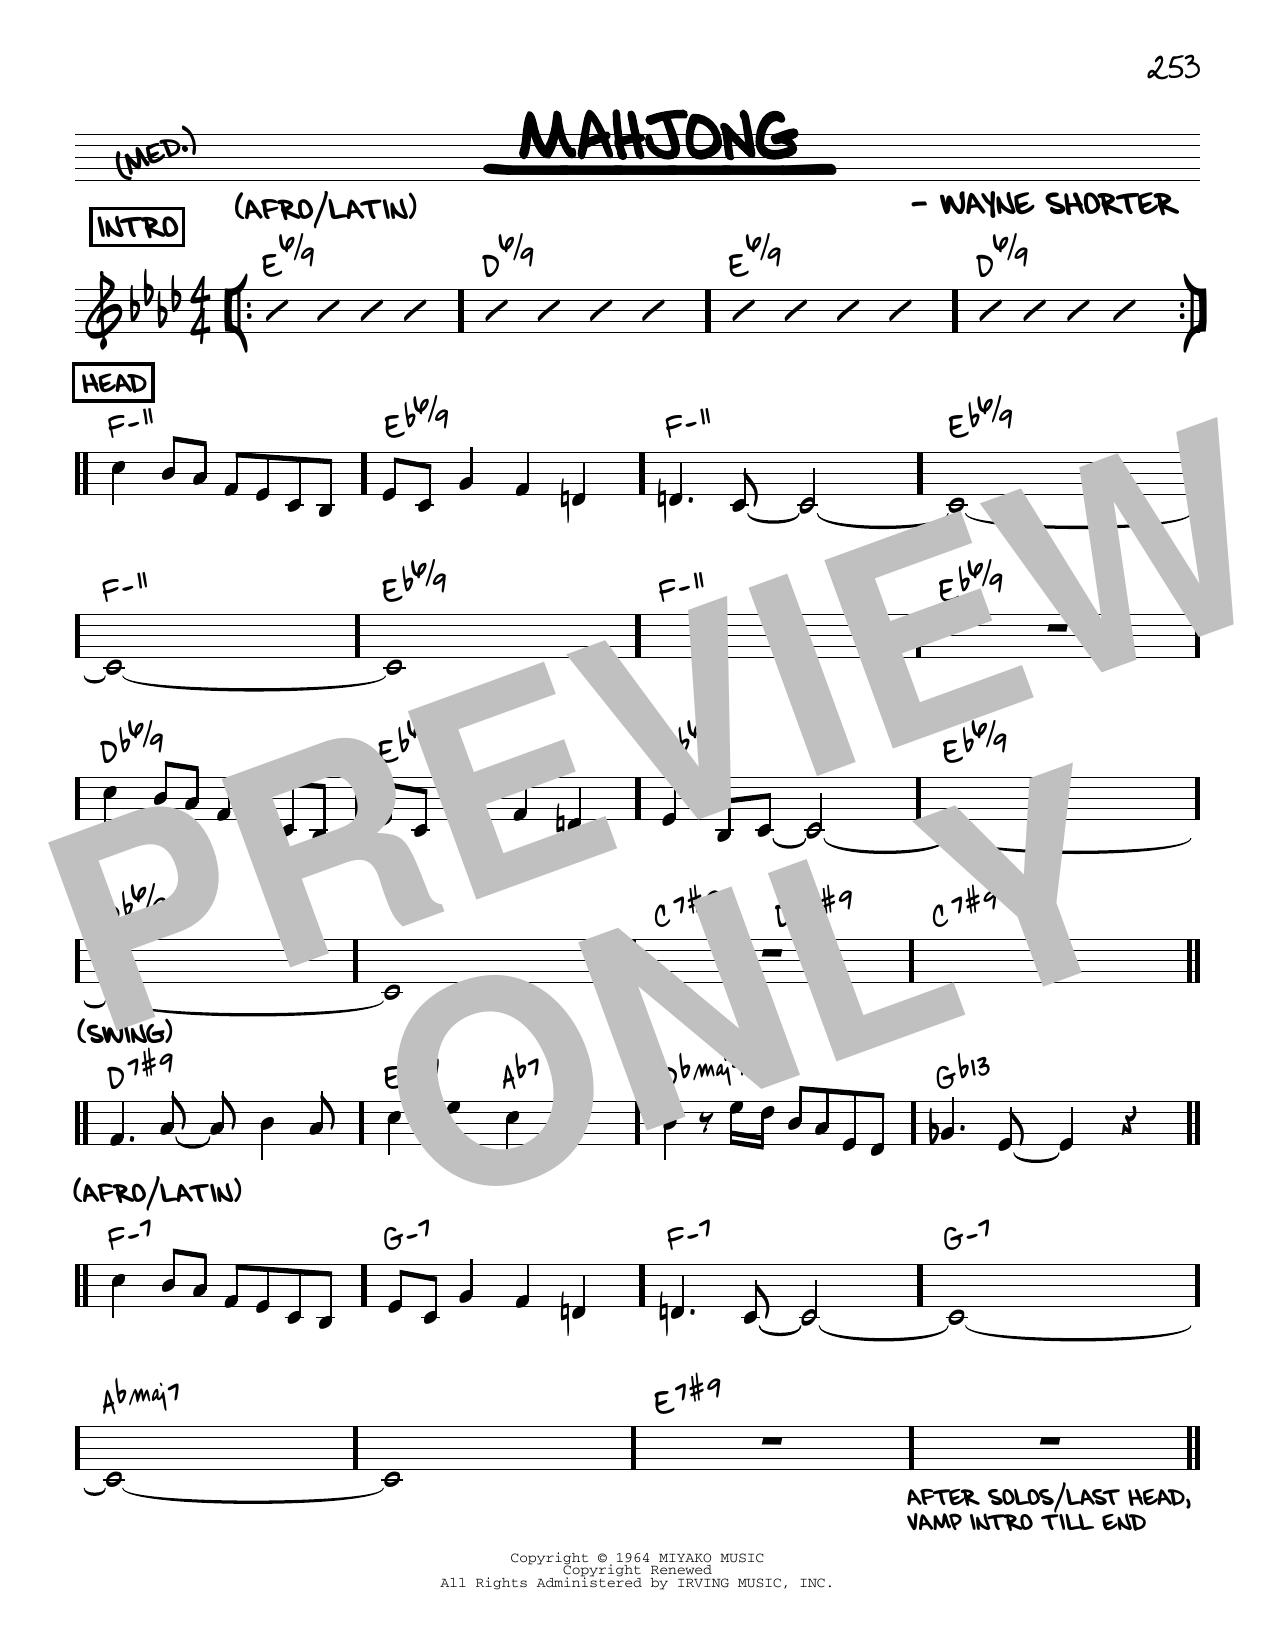 Wayne Shorter Mahjong [Reharmonized version] (arr. Jack Grassel) sheet music notes printable PDF score